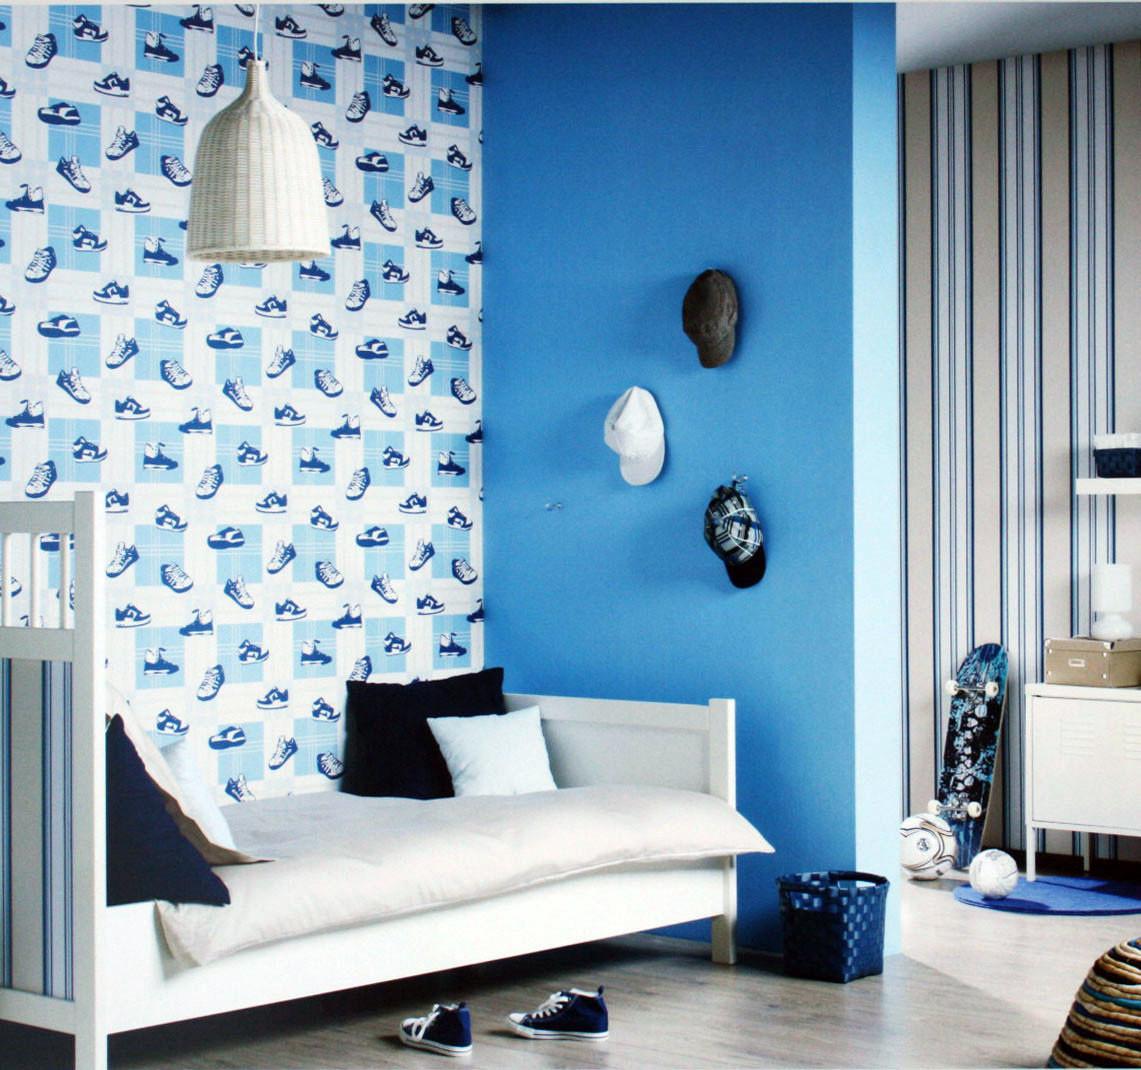 德国进口 儿童房 纯纸 奇幻童话墙纸【图片 价格 品牌